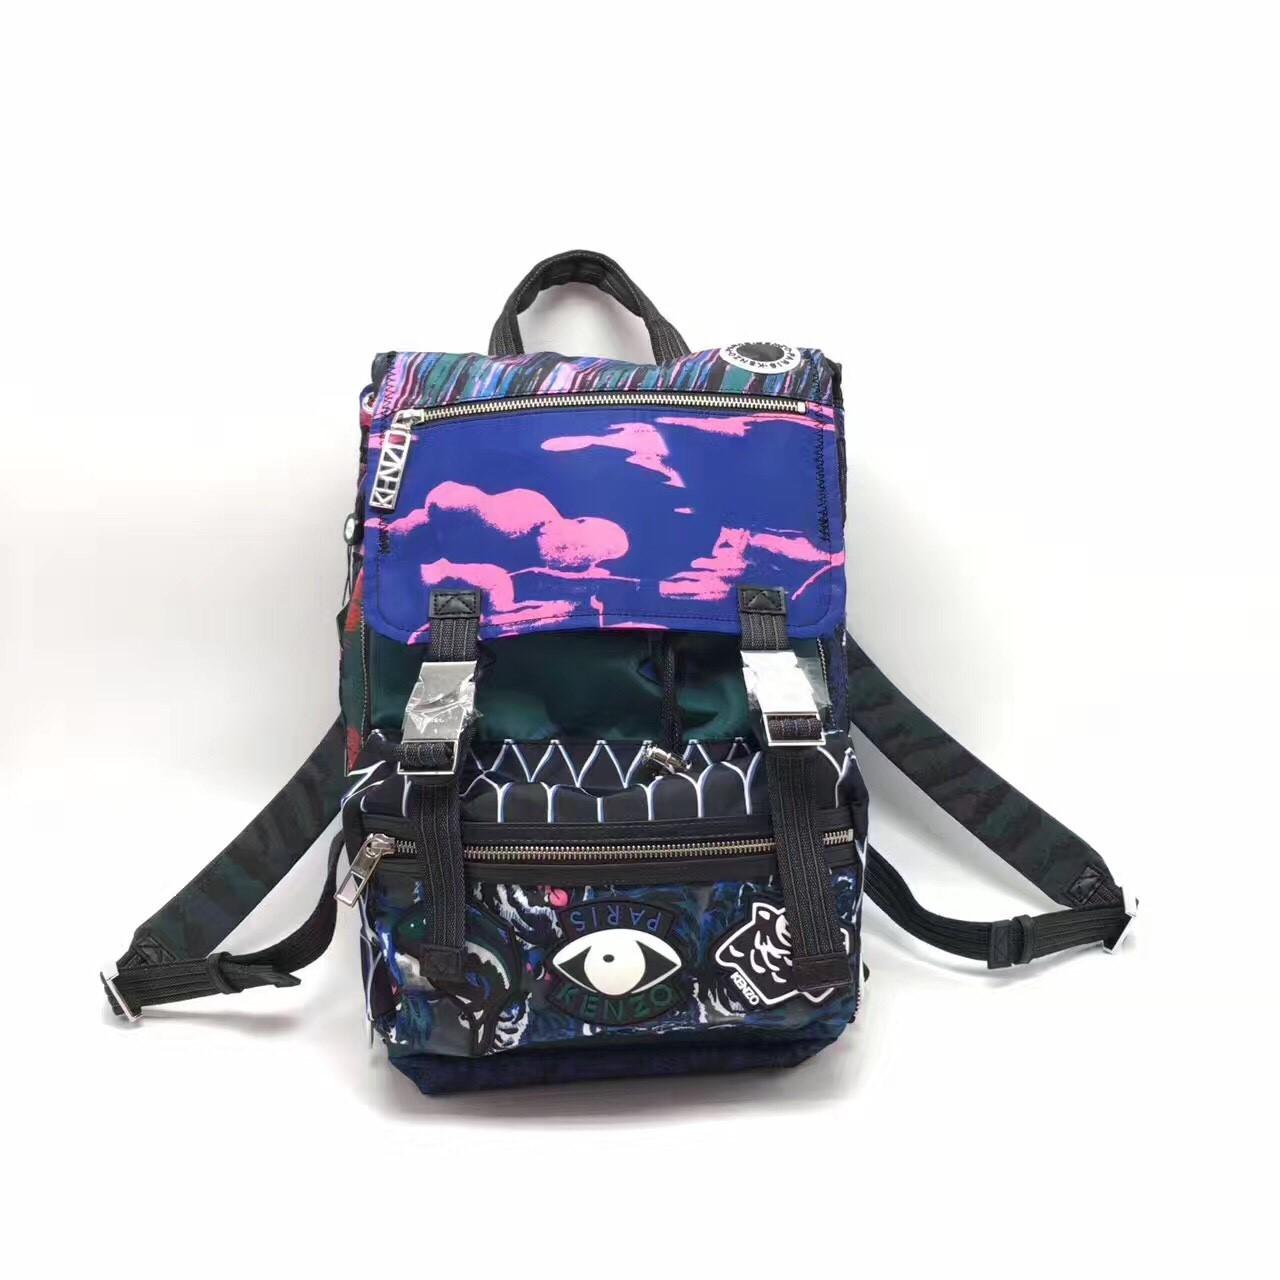 美國正品代購 KENZO-Nylon Multi Print後背包 登山包 外出包 雙肩包 旅行包